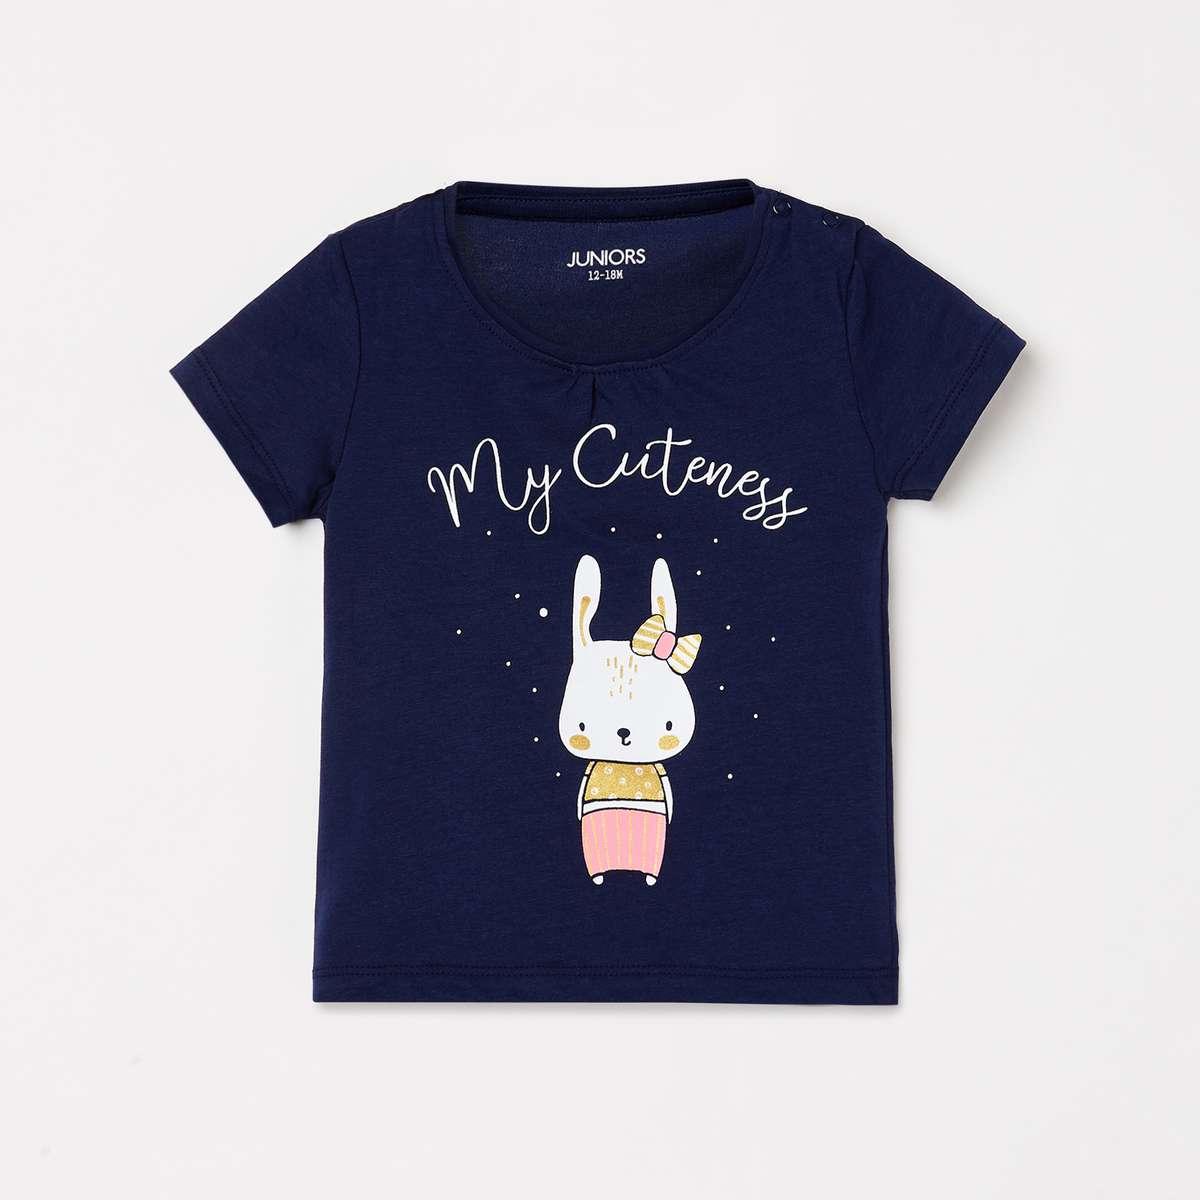 JUNIORS Girls Graphic Print Round Neck T-shirt